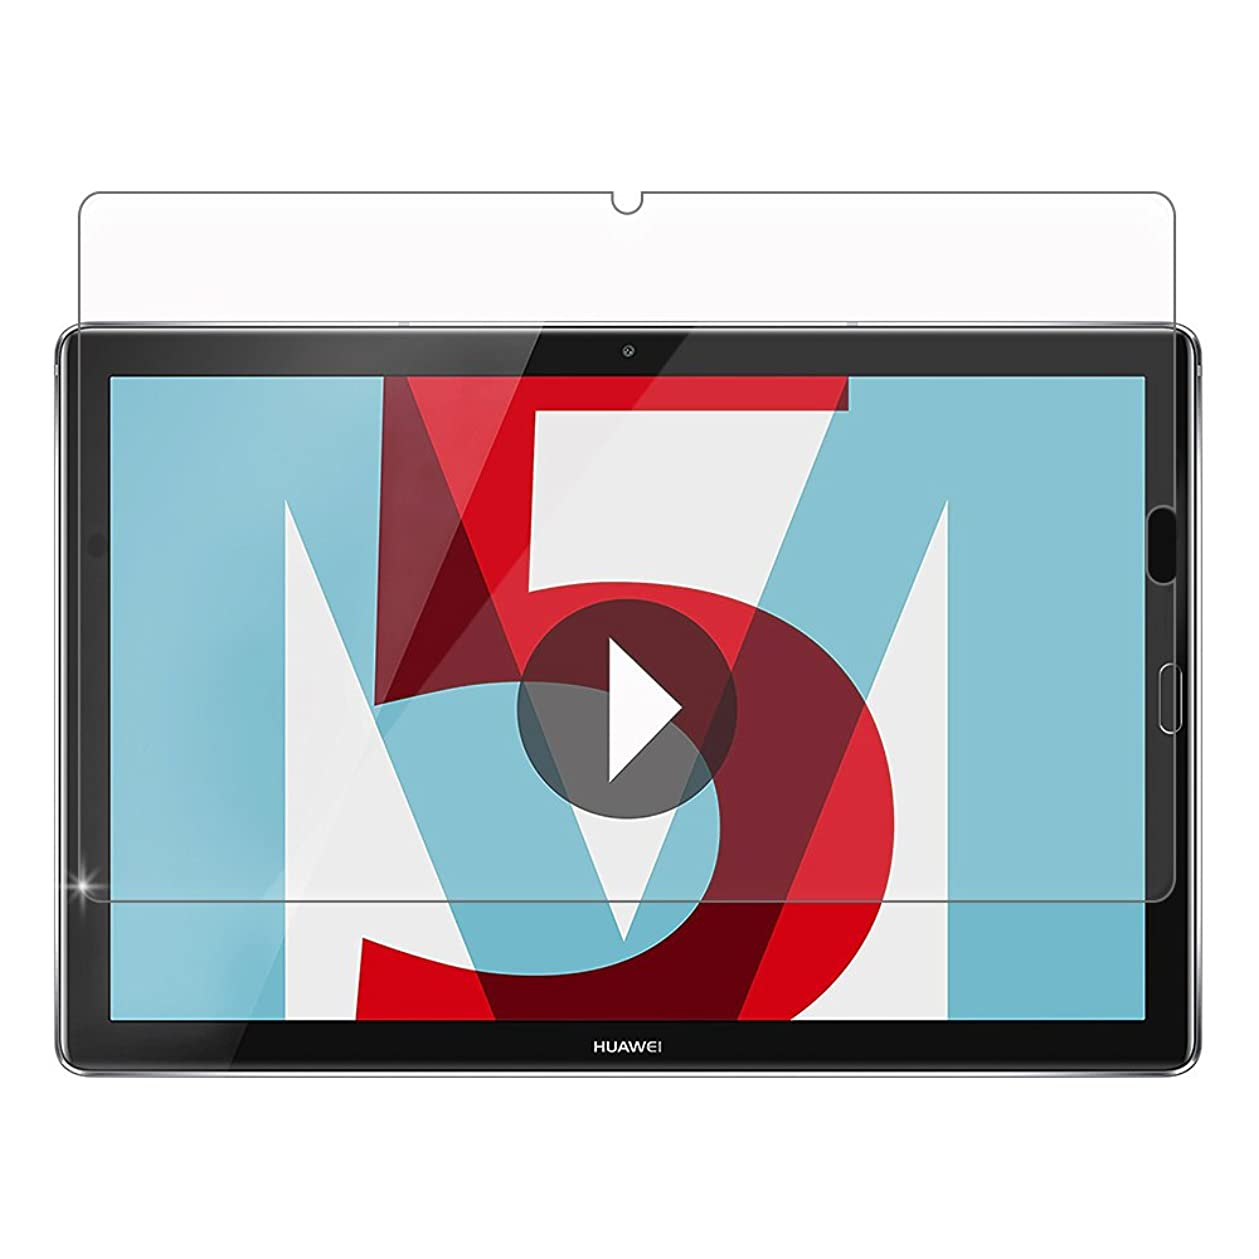 ソフトウェアベイビーセットアップGosento MediaPad M5 10.8 フィルム Huawei M5 10.8 2.5Dラウンドエッジ加工 日本旭硝子素材AGC 高透過率 強化ガラスフィルム 硬度9H Huawei MediaPad M5 Pro 10.8 対応